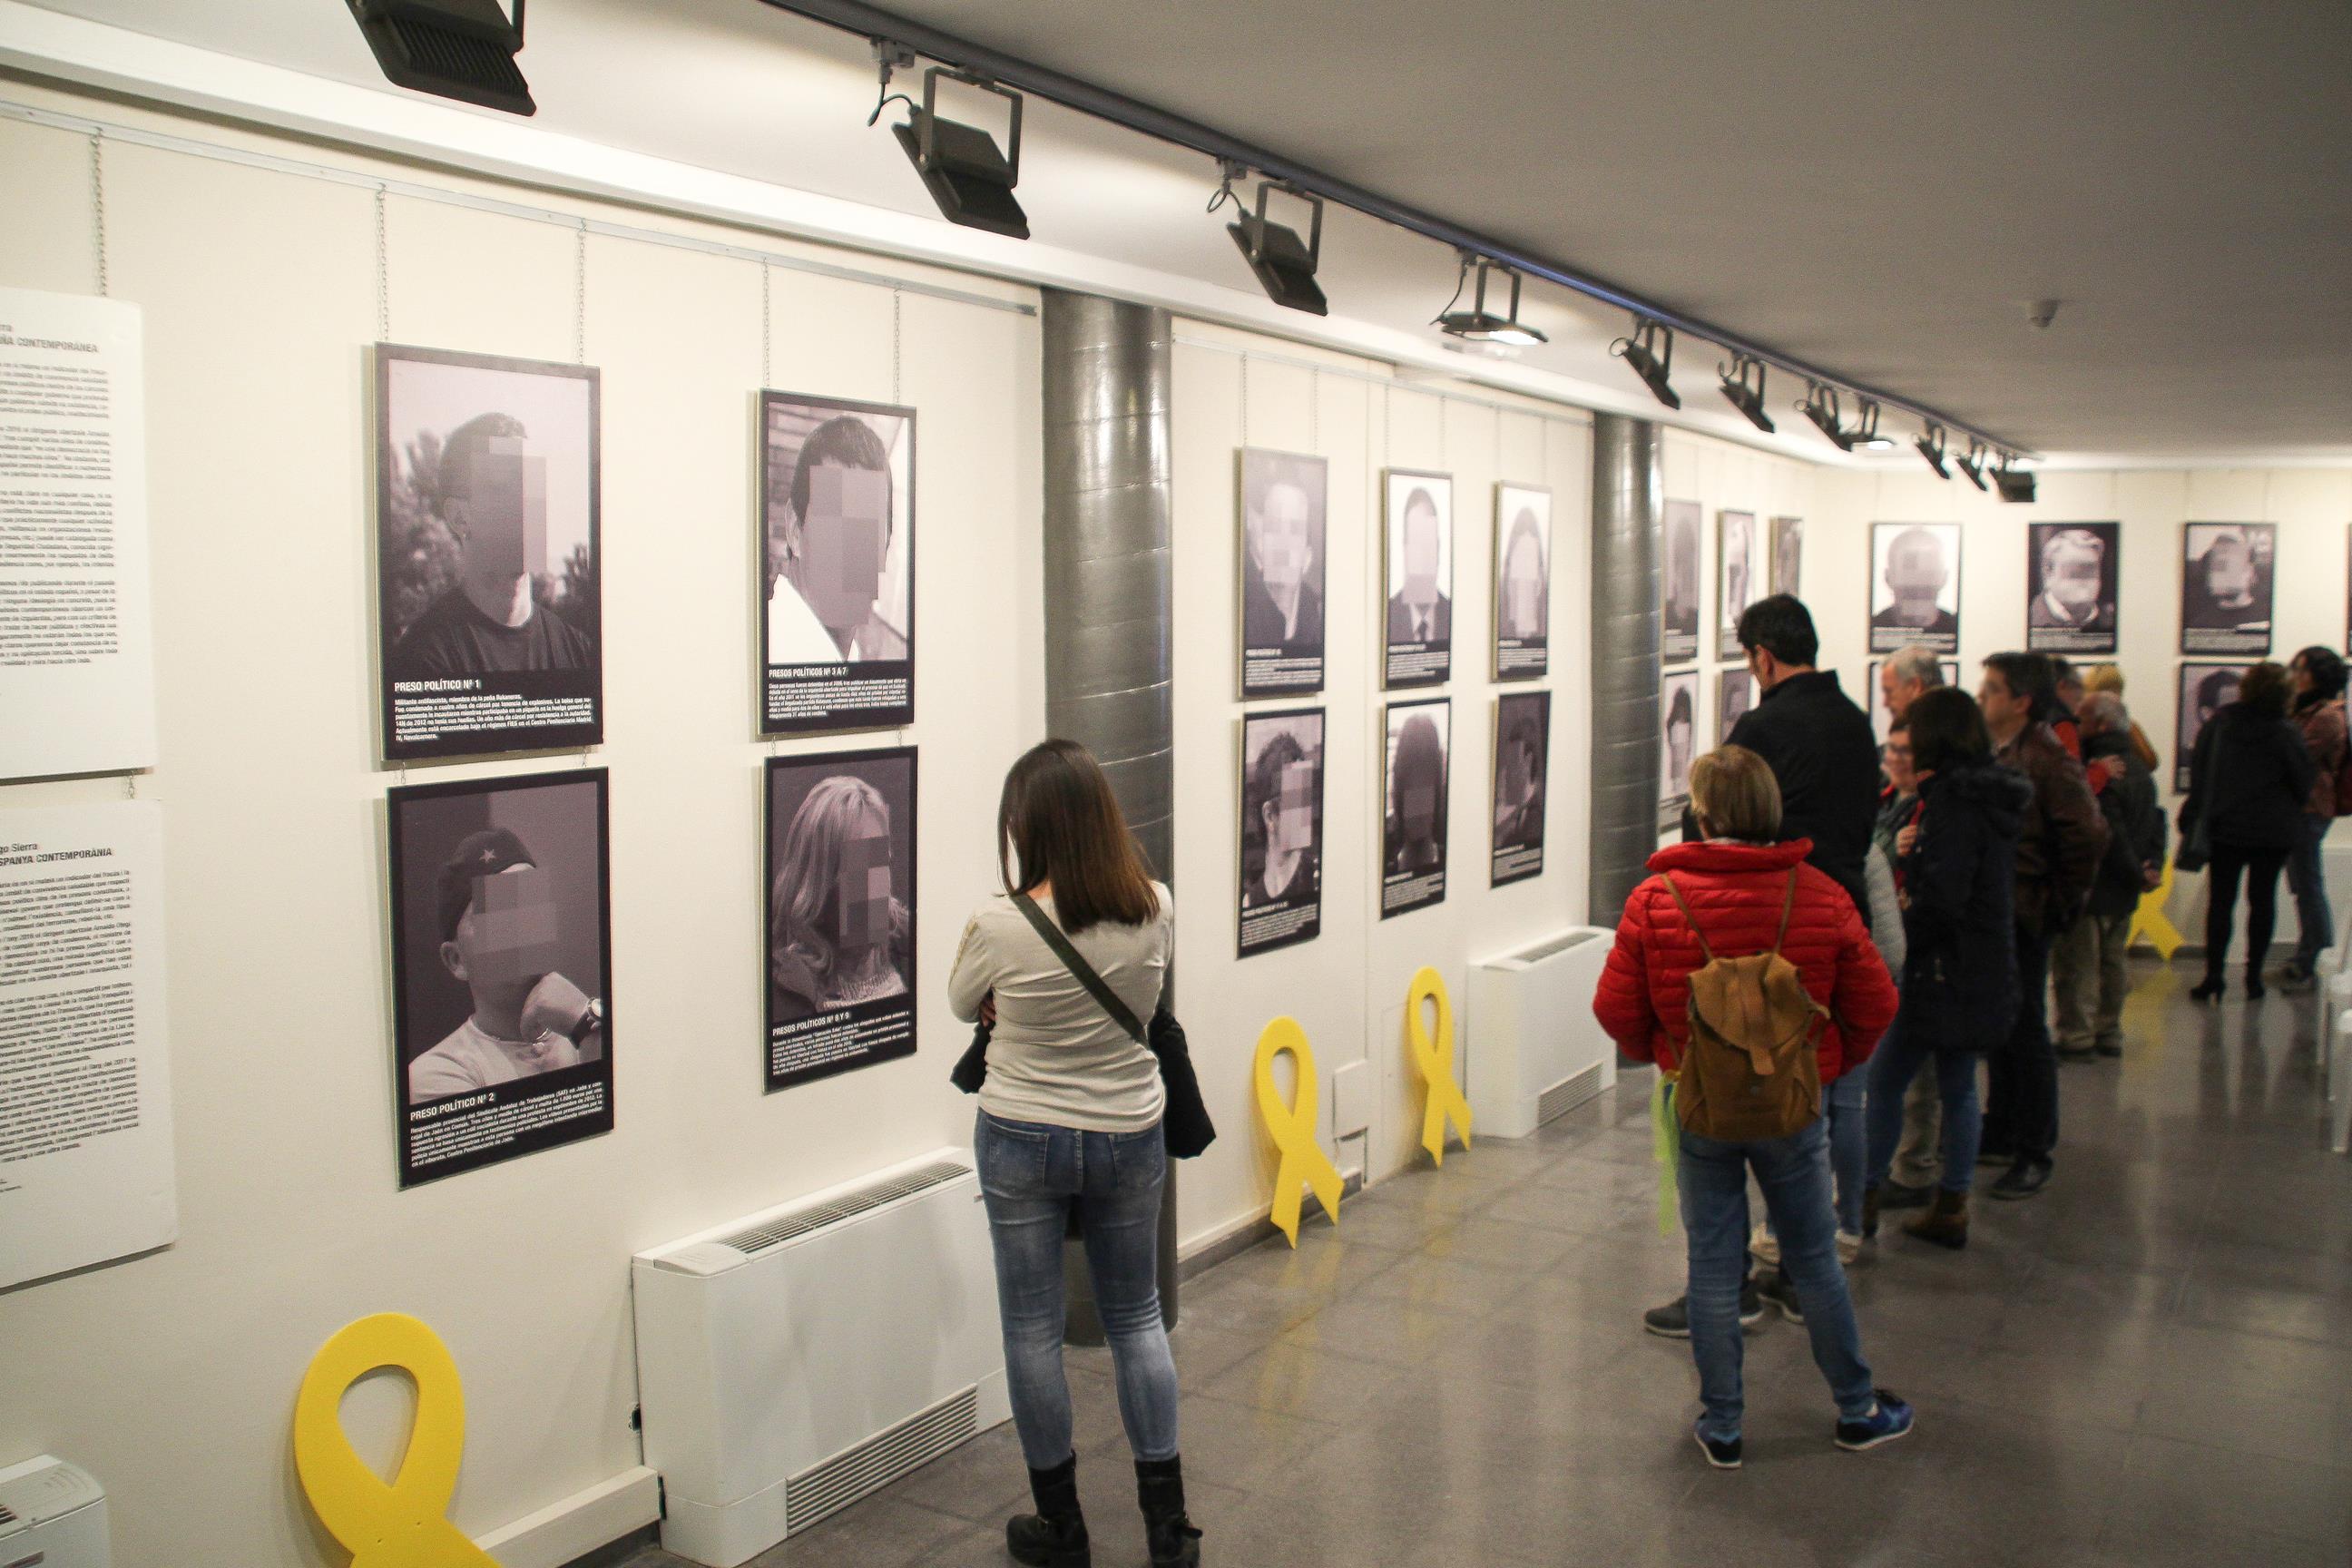 Inauguració Exposició Presos Polítics a l'Espanya contemporània a Bellpuig 2.jpg